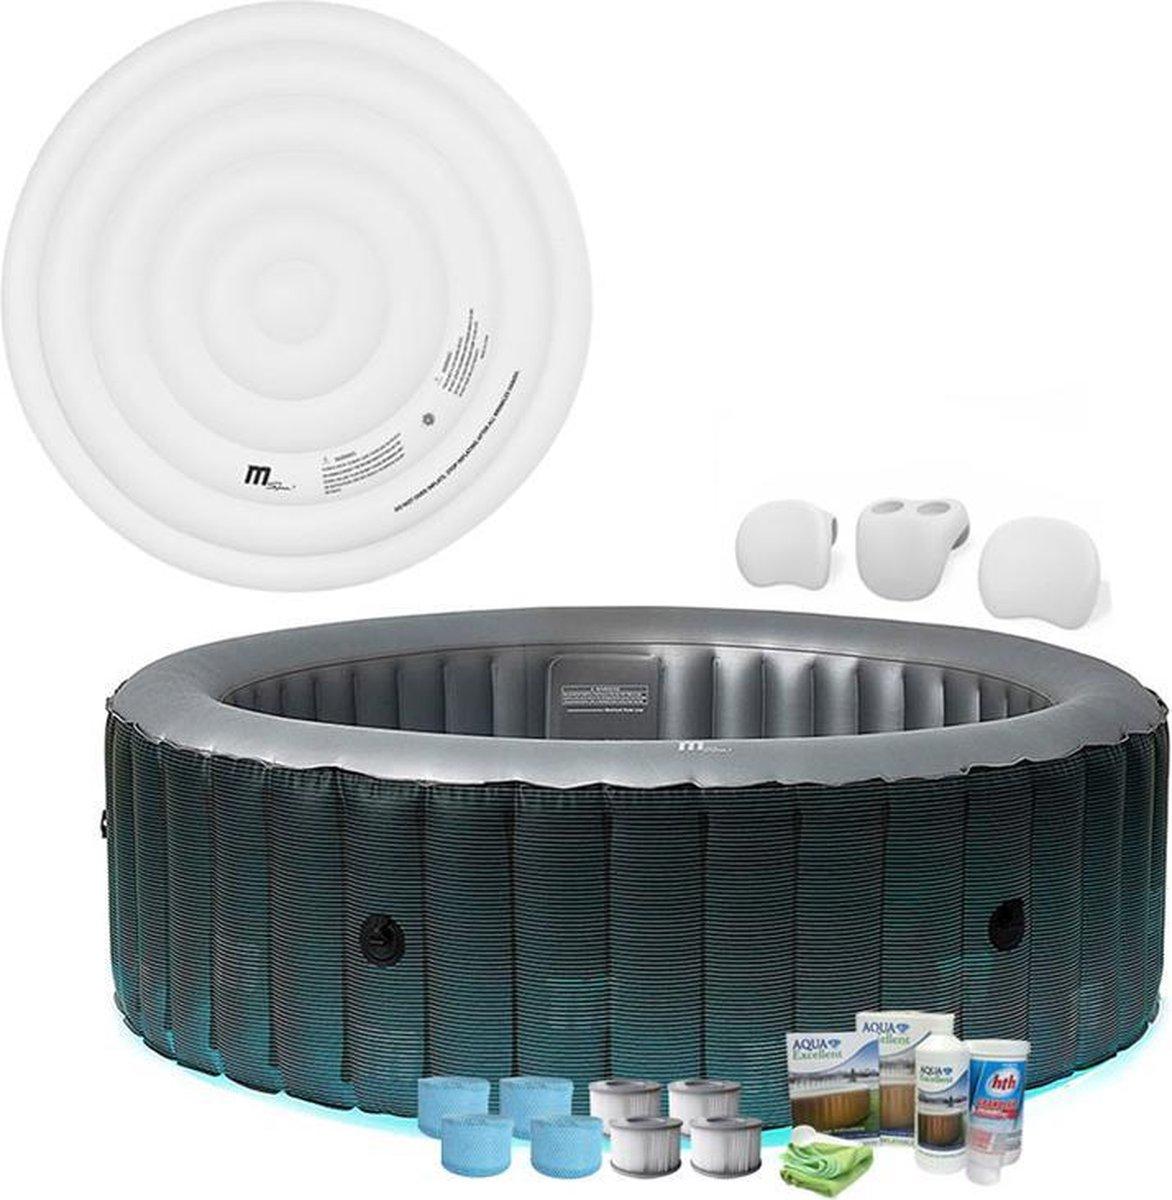 MSpa Starry - opblaasbare spa - 6-persoons - LED verlichting - voordeel set